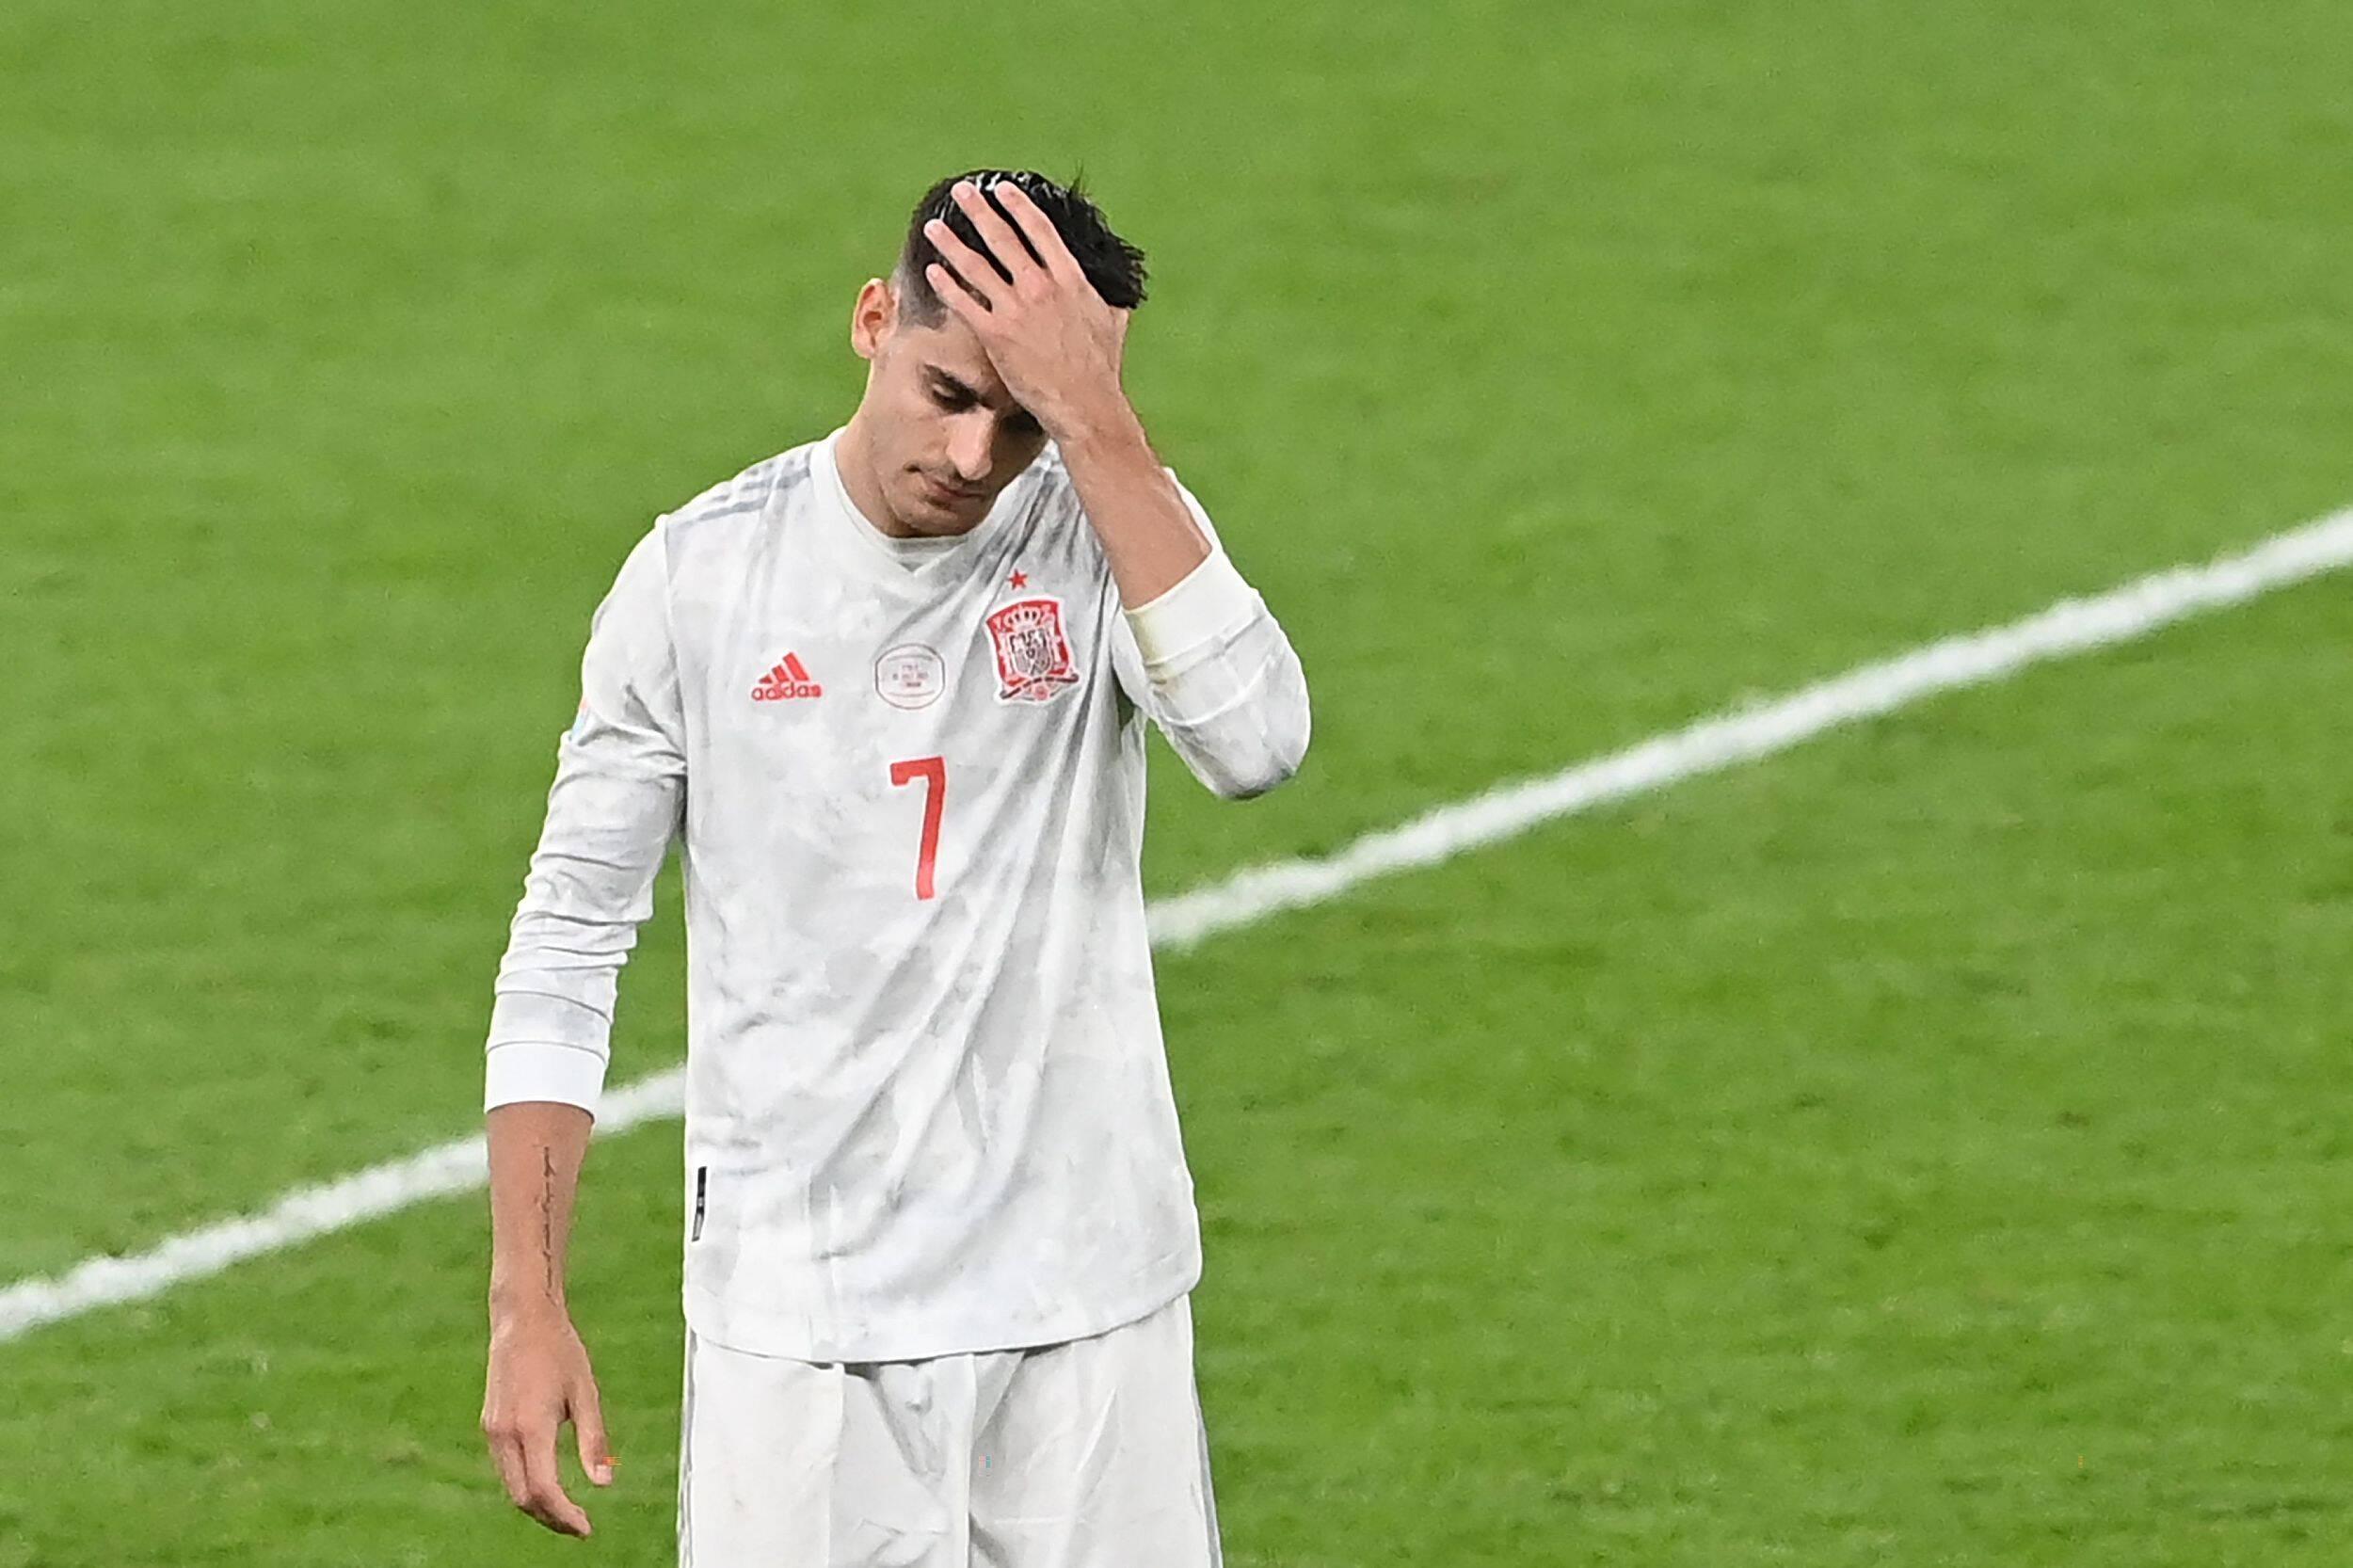 漫话欧洲杯丨英雄→罪人!莫拉塔点球送球队出局,罚点那刻太虚了